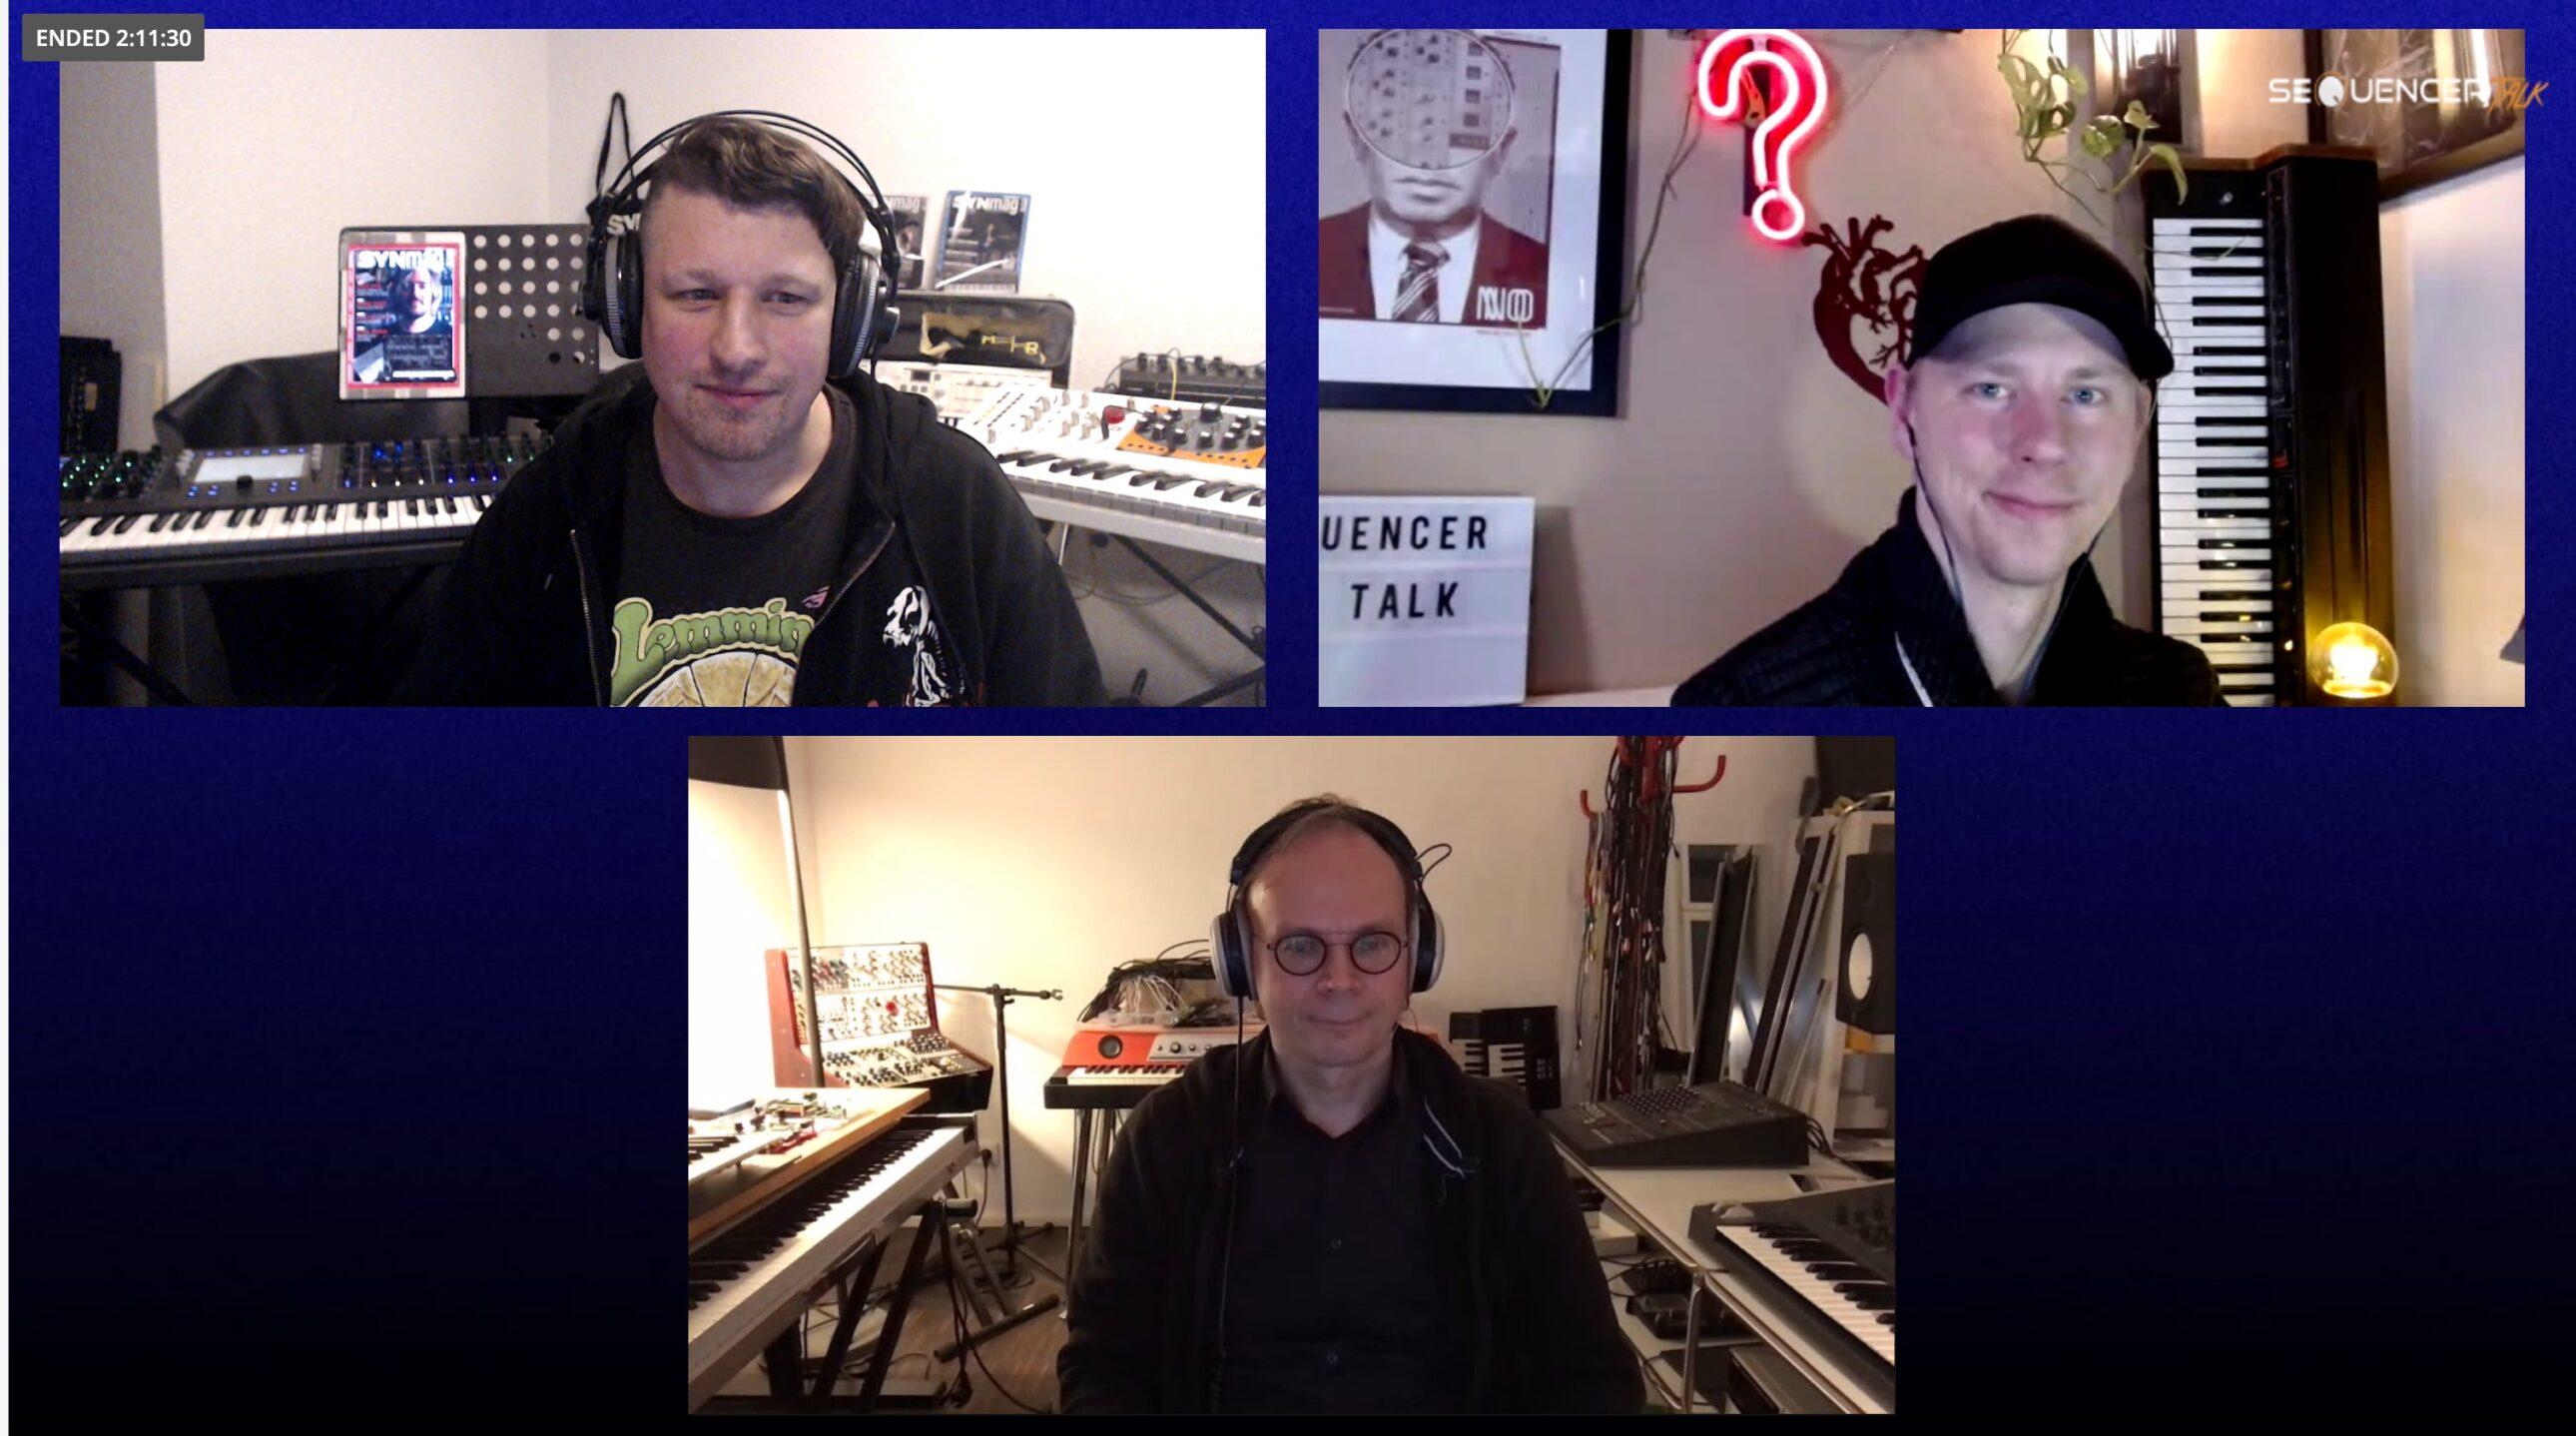 SequencerTalk 38 Rolf von Waldorf